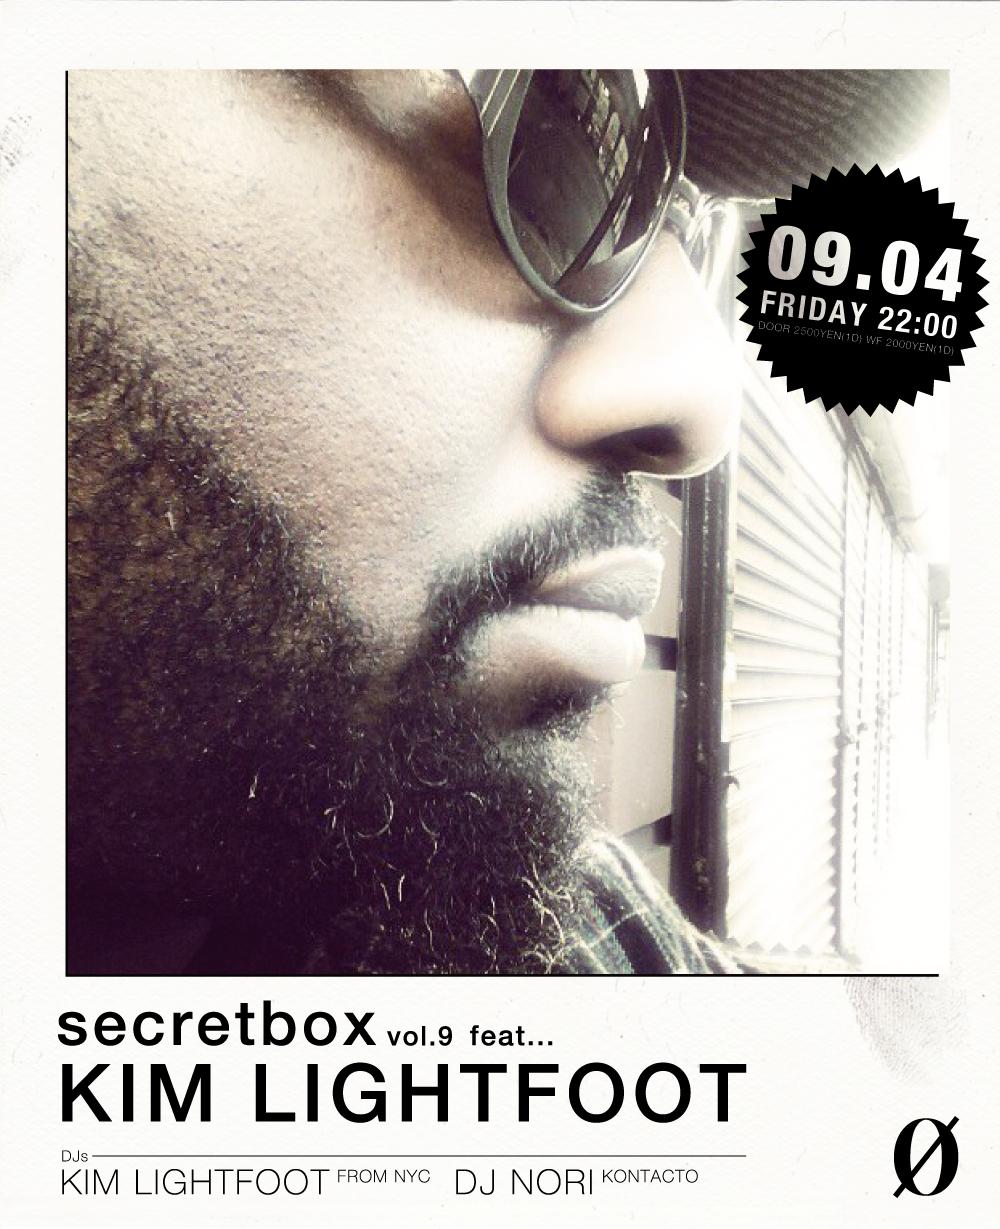 Secretbox vol.9 feat… KIM LIGHTFOOT (FROM NY)